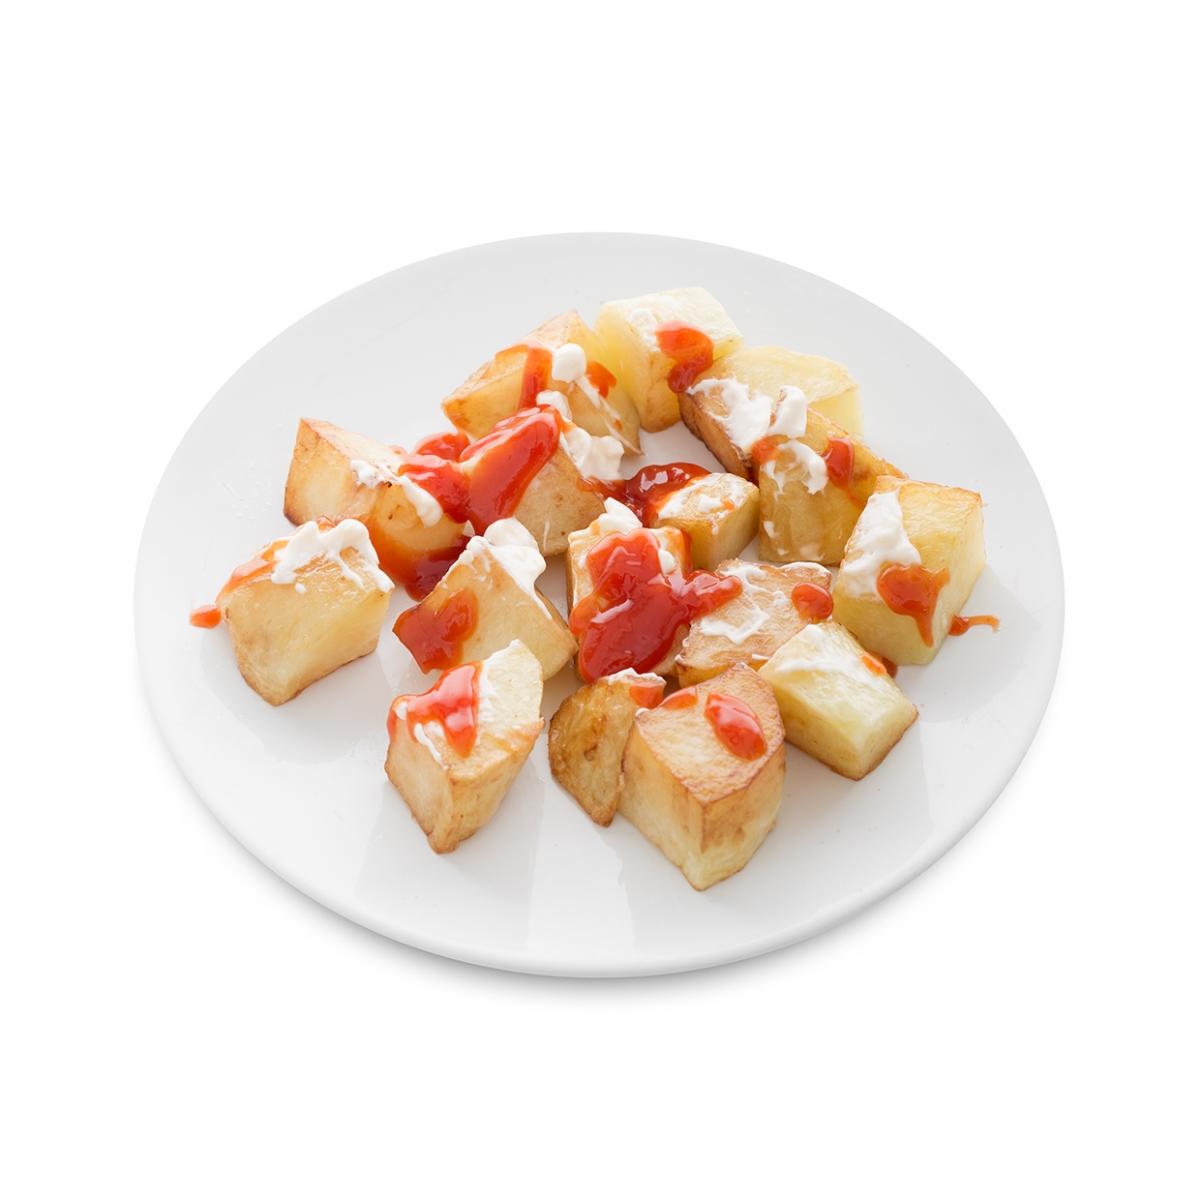 Imagen en la que se ve un plato de patatas bravas